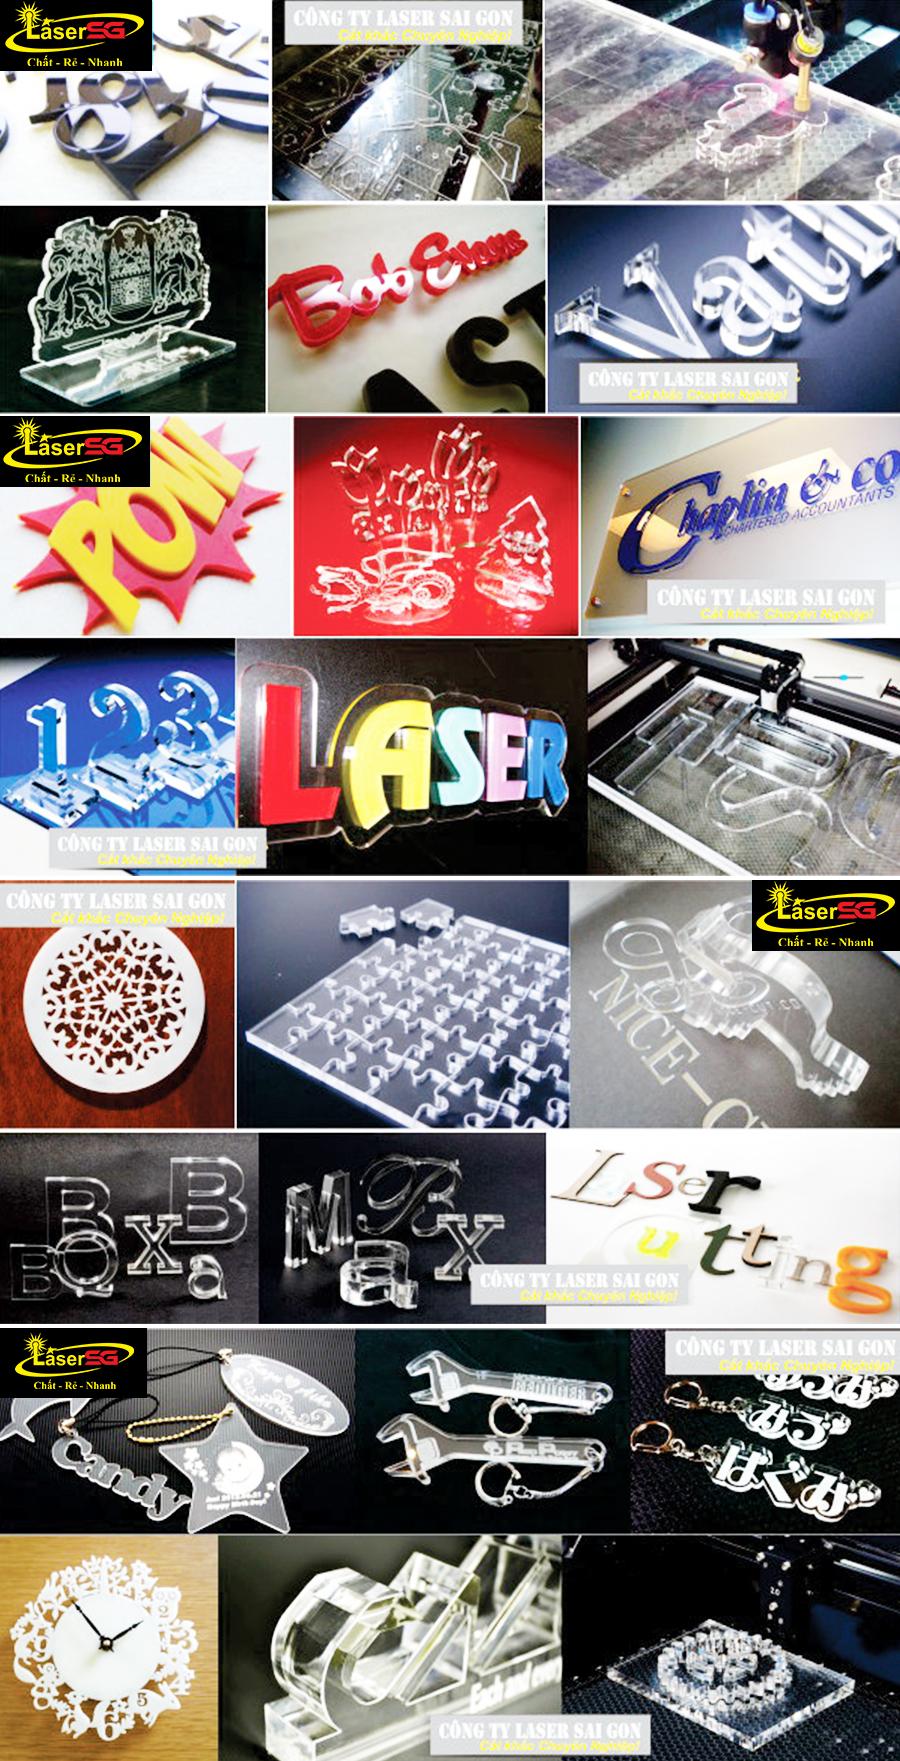 Tạo hình bảng hiệu, bảng quảng cáo dễ dàng hơn bao giờ hết nhờ công nghệ khắc laser lên mica